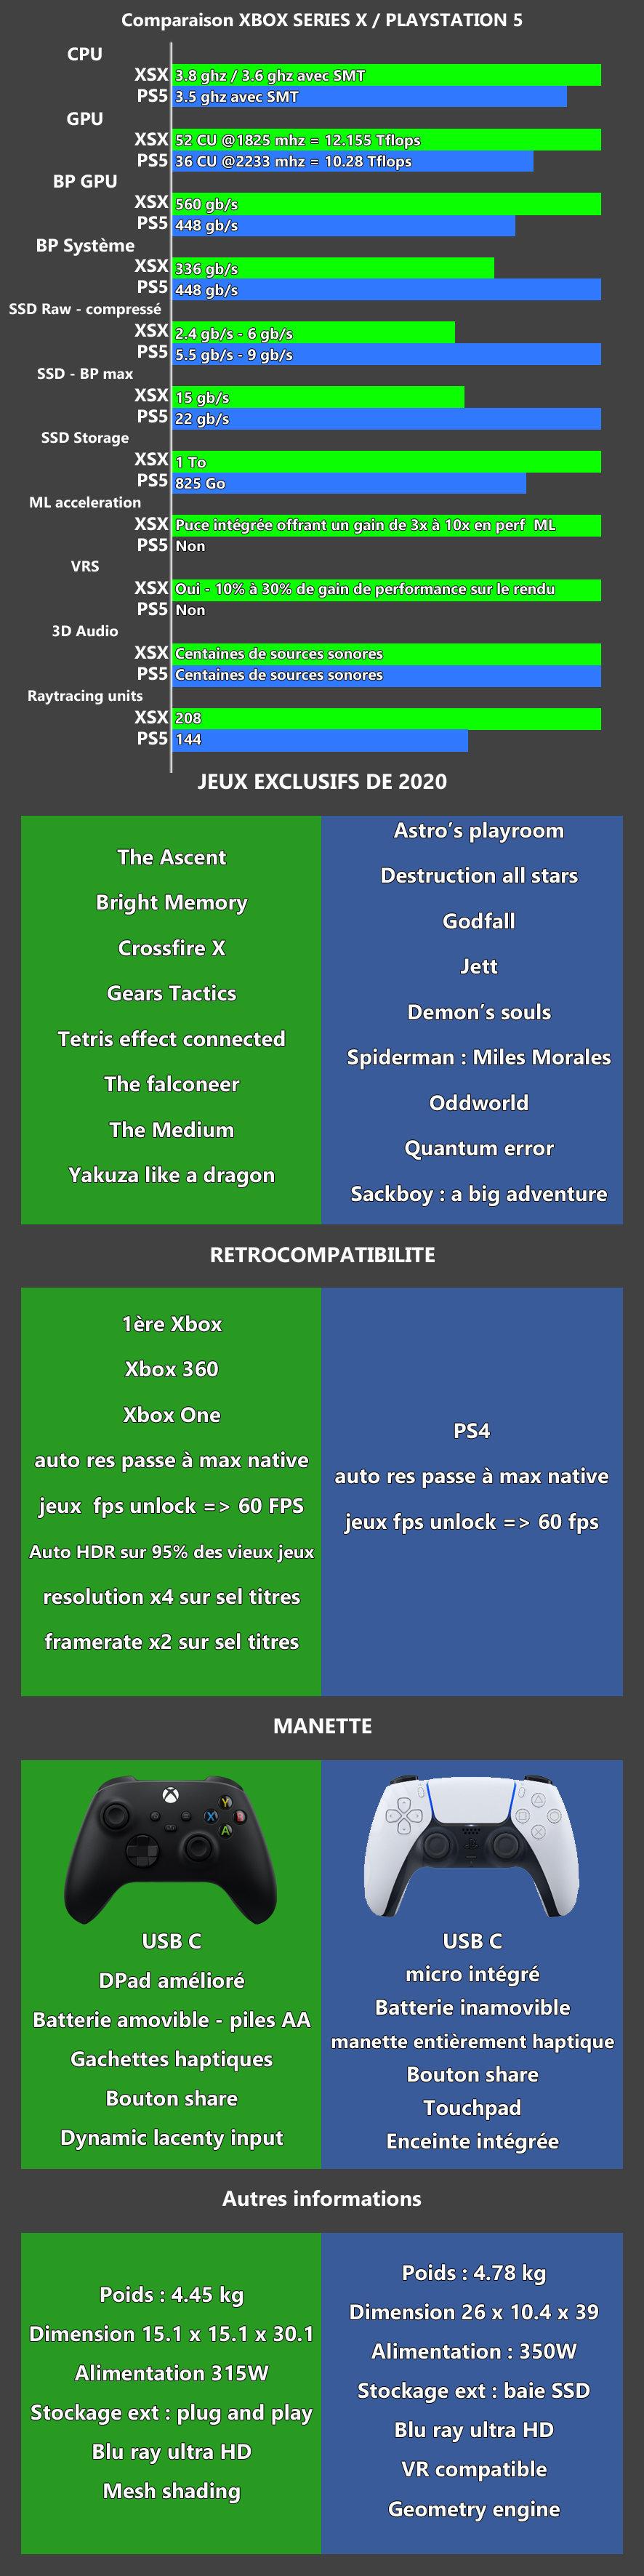 Pour l'instant, PS5 ou Xbox Serie X ? - Page 33 201021025733505843